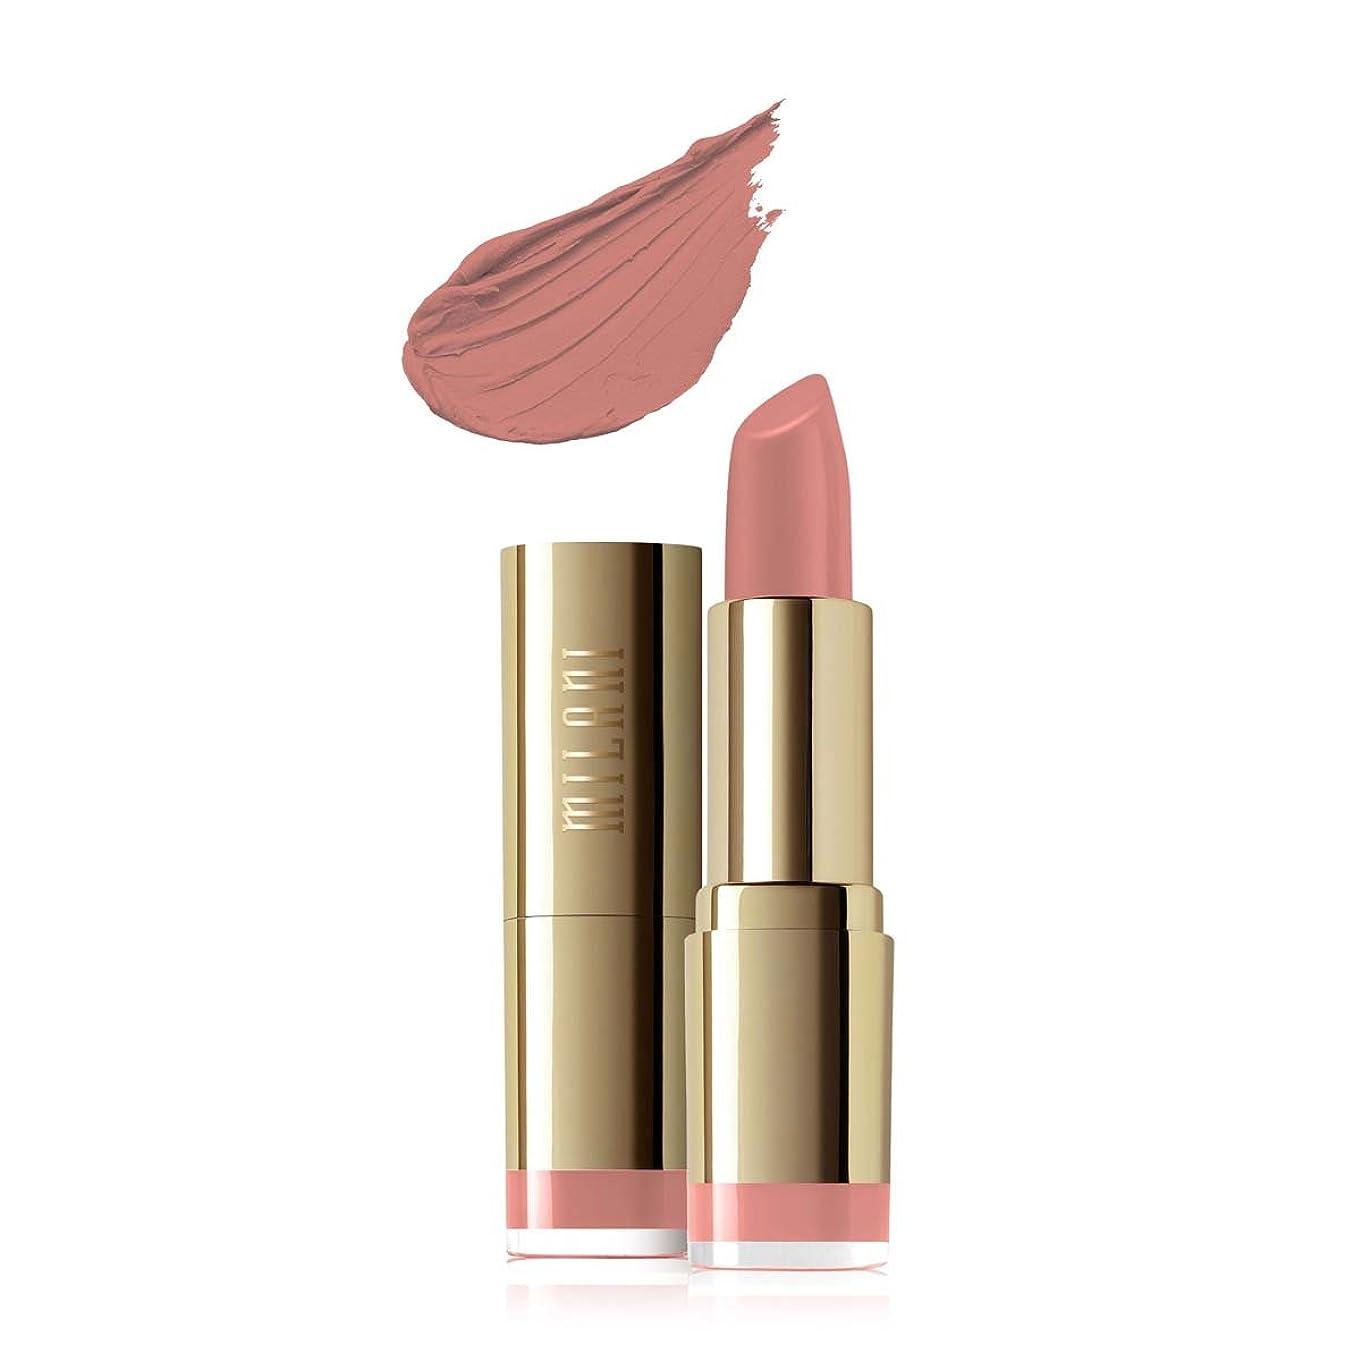 フォロー崩壊立ち向かうMILANI Color Statement Moisture Matte Lipstick - Matte Naked (Vegan) (並行輸入品)